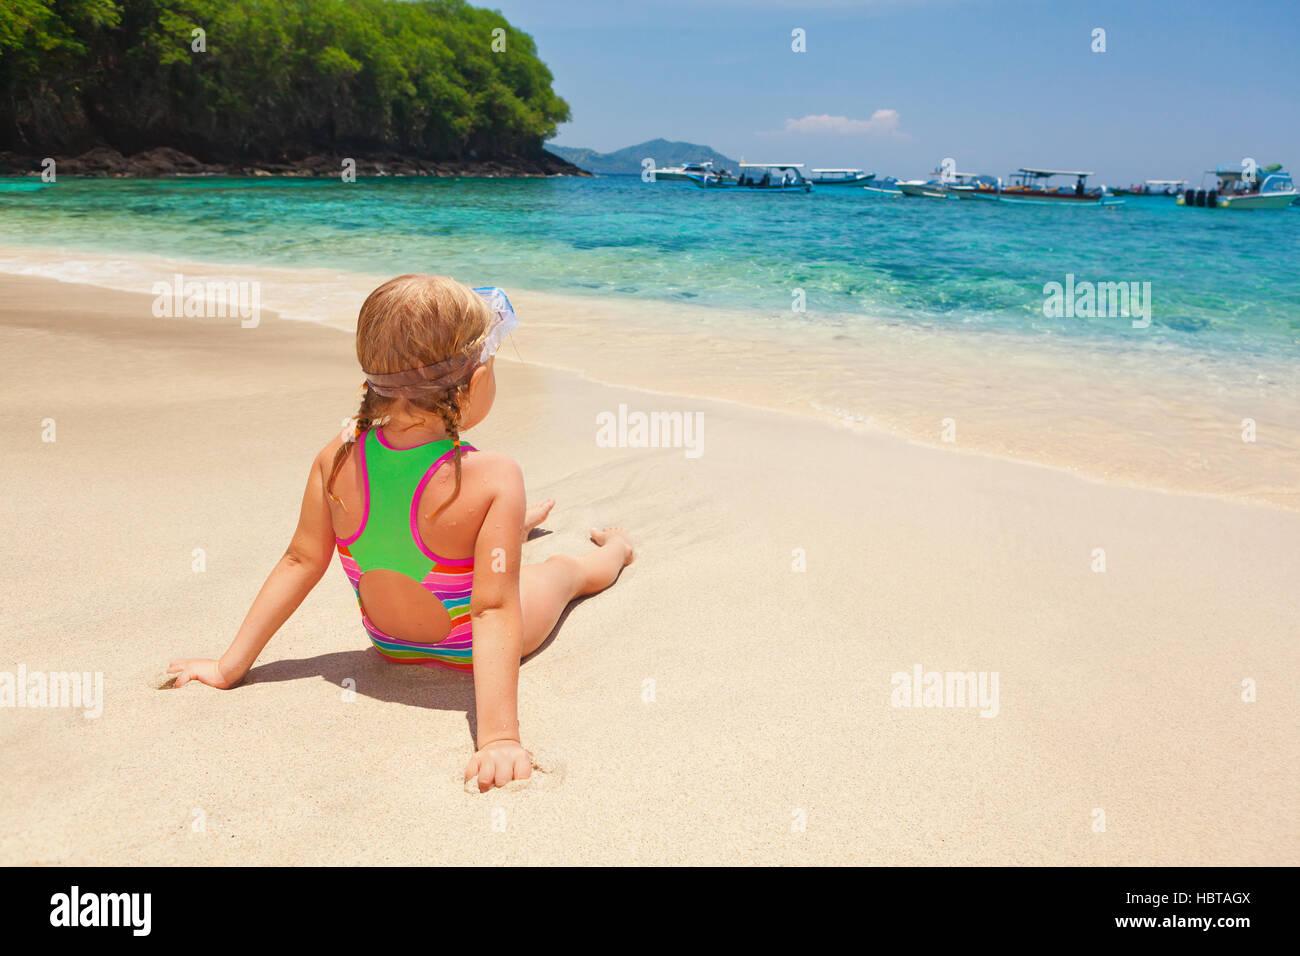 Splendido piccolo snorkeler rilassatevi sulla soleggiata sabbia bianca spiaggia dell'oceano. Happy baby divertirsi, Immagini Stock